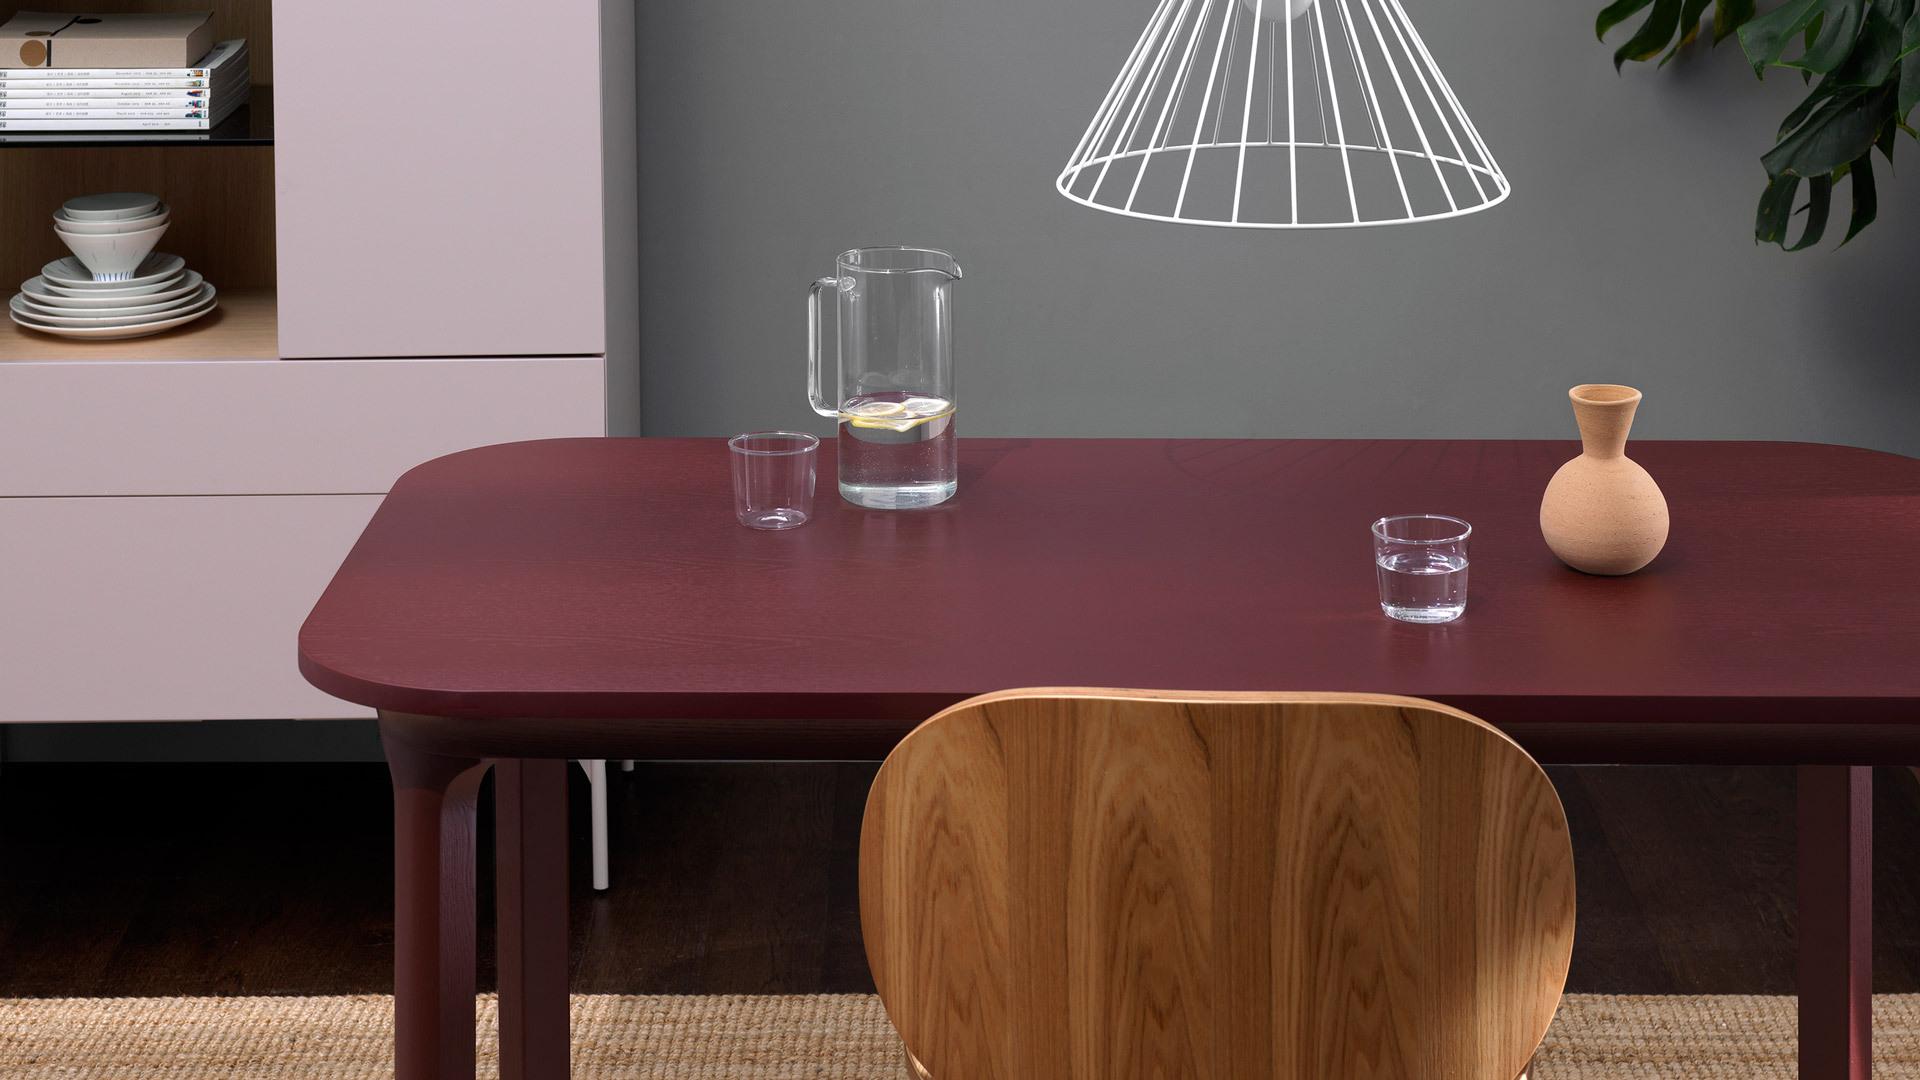 以木质餐桌椅相搭配,让温馨度满格,在暖色调中营造出一种更具东方韵味的空间氛围。